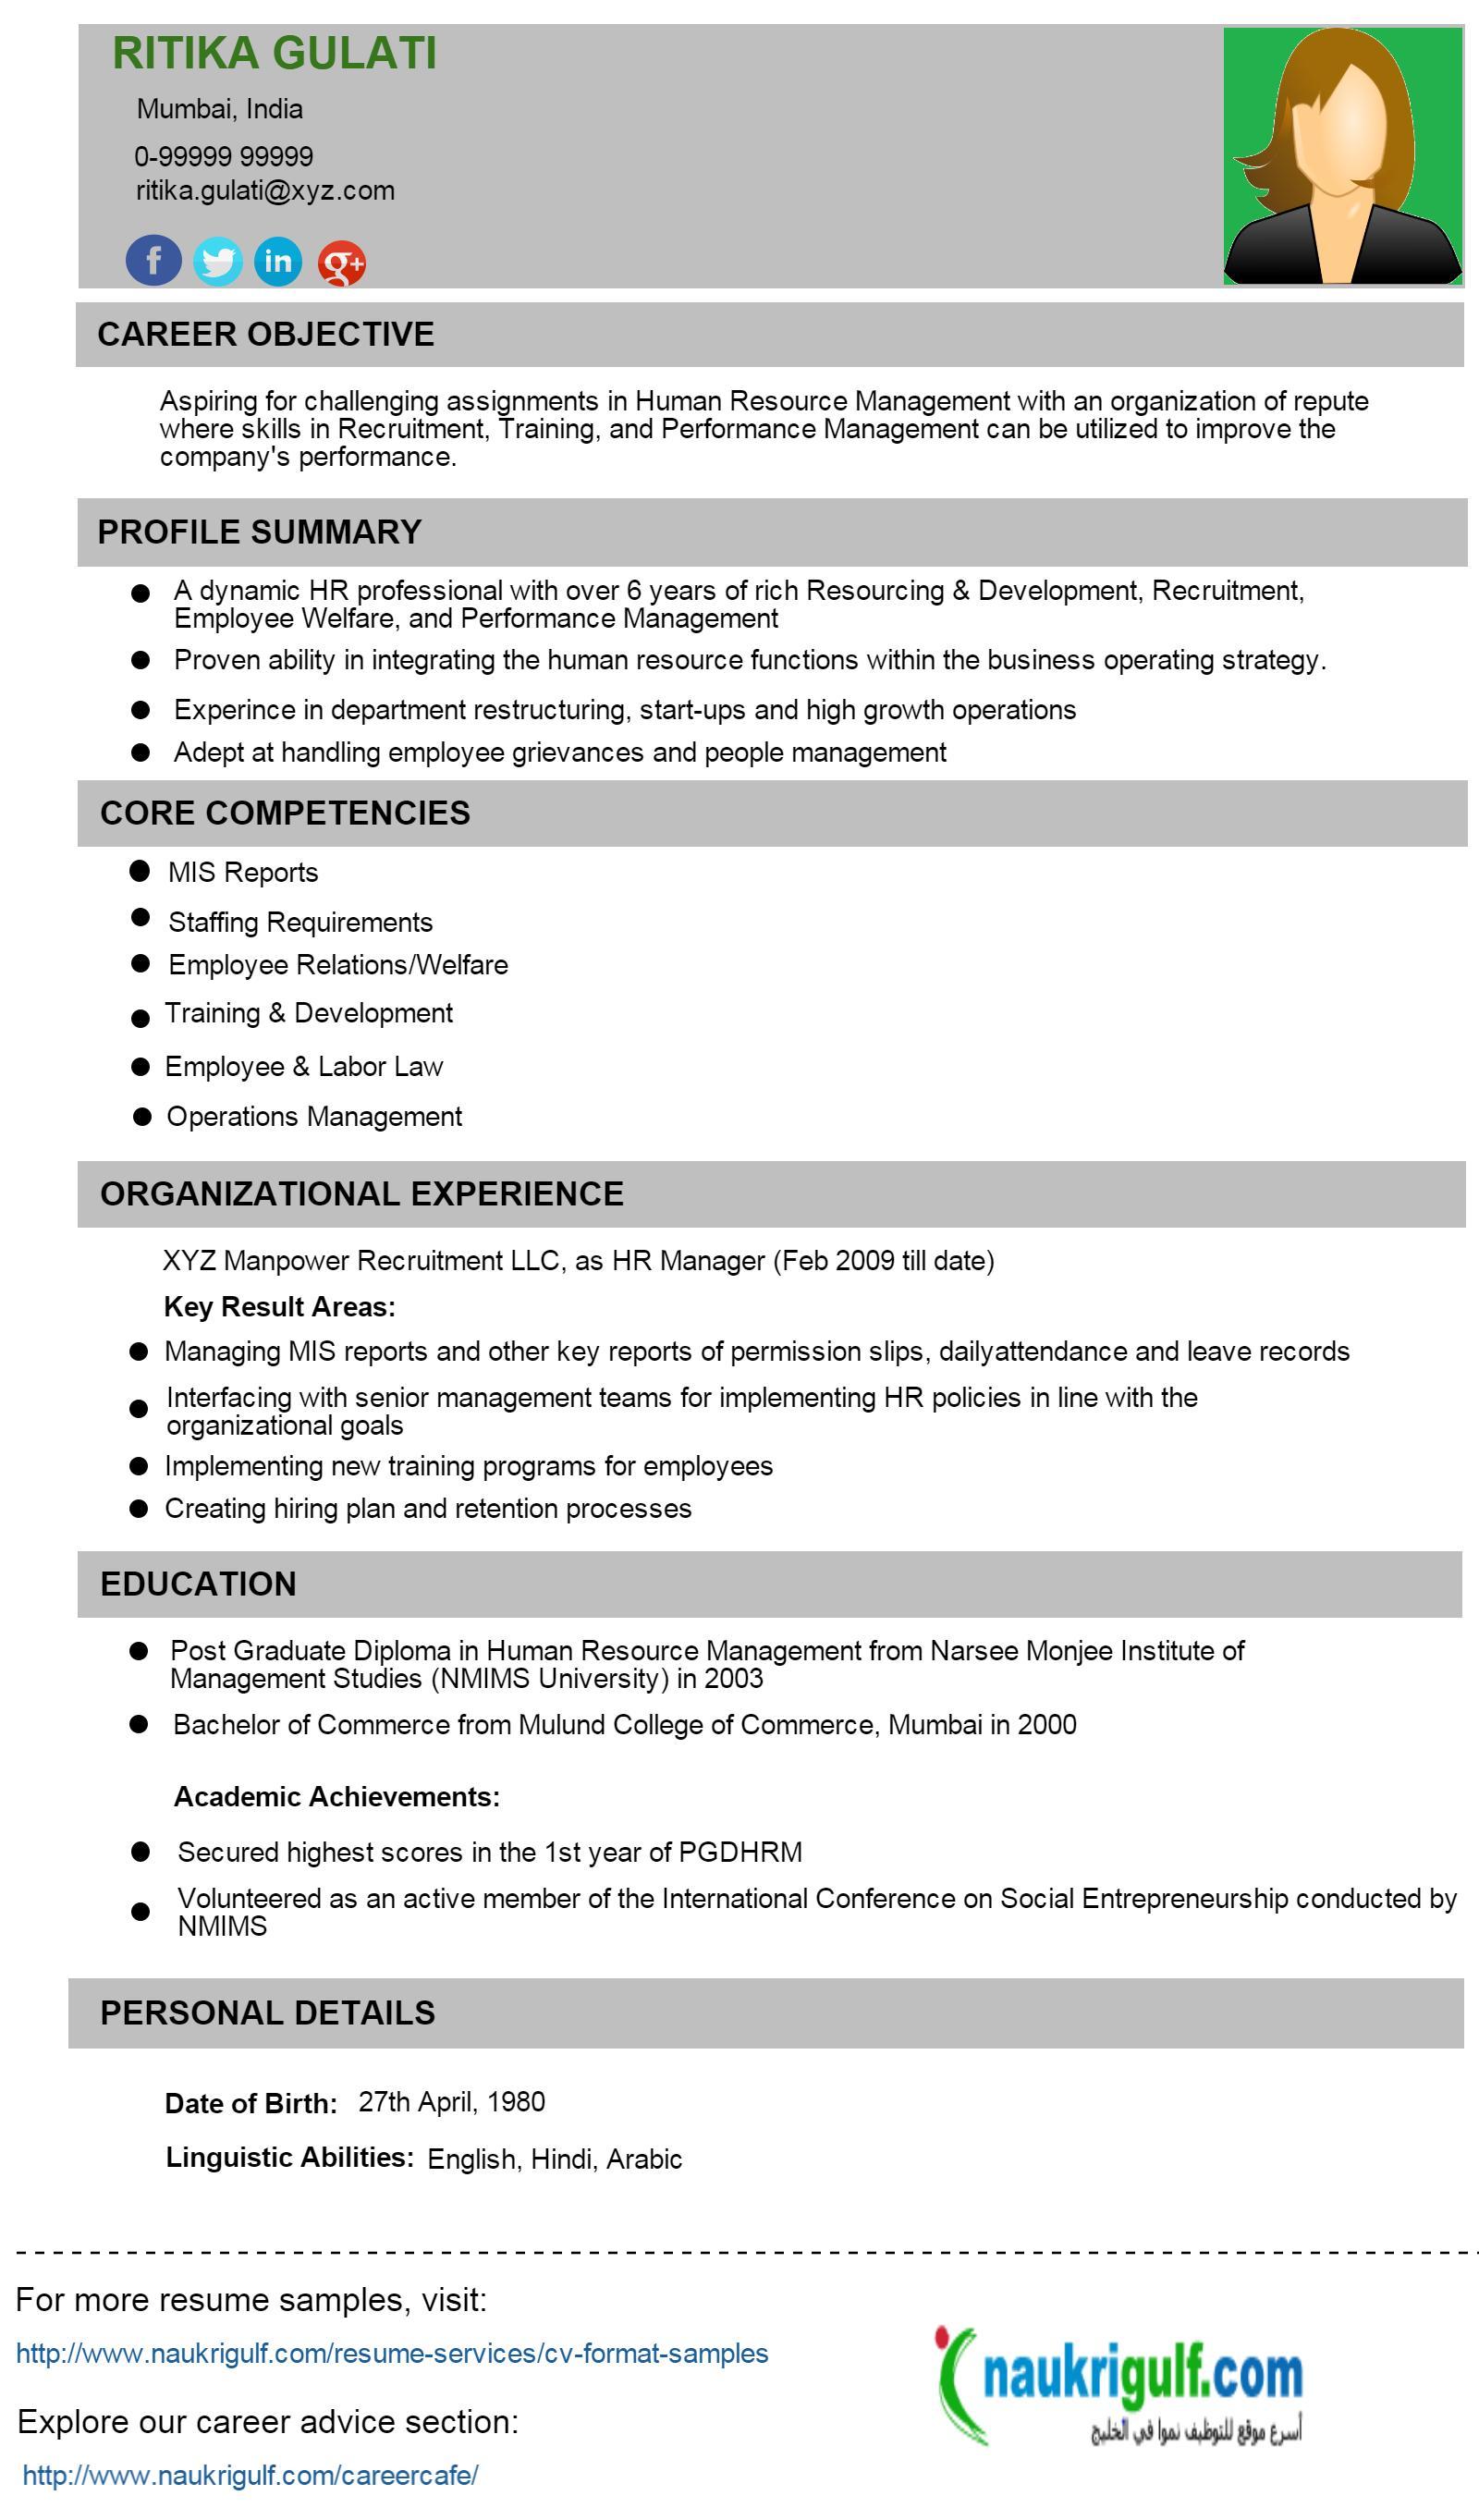 resume samples for uae jobs